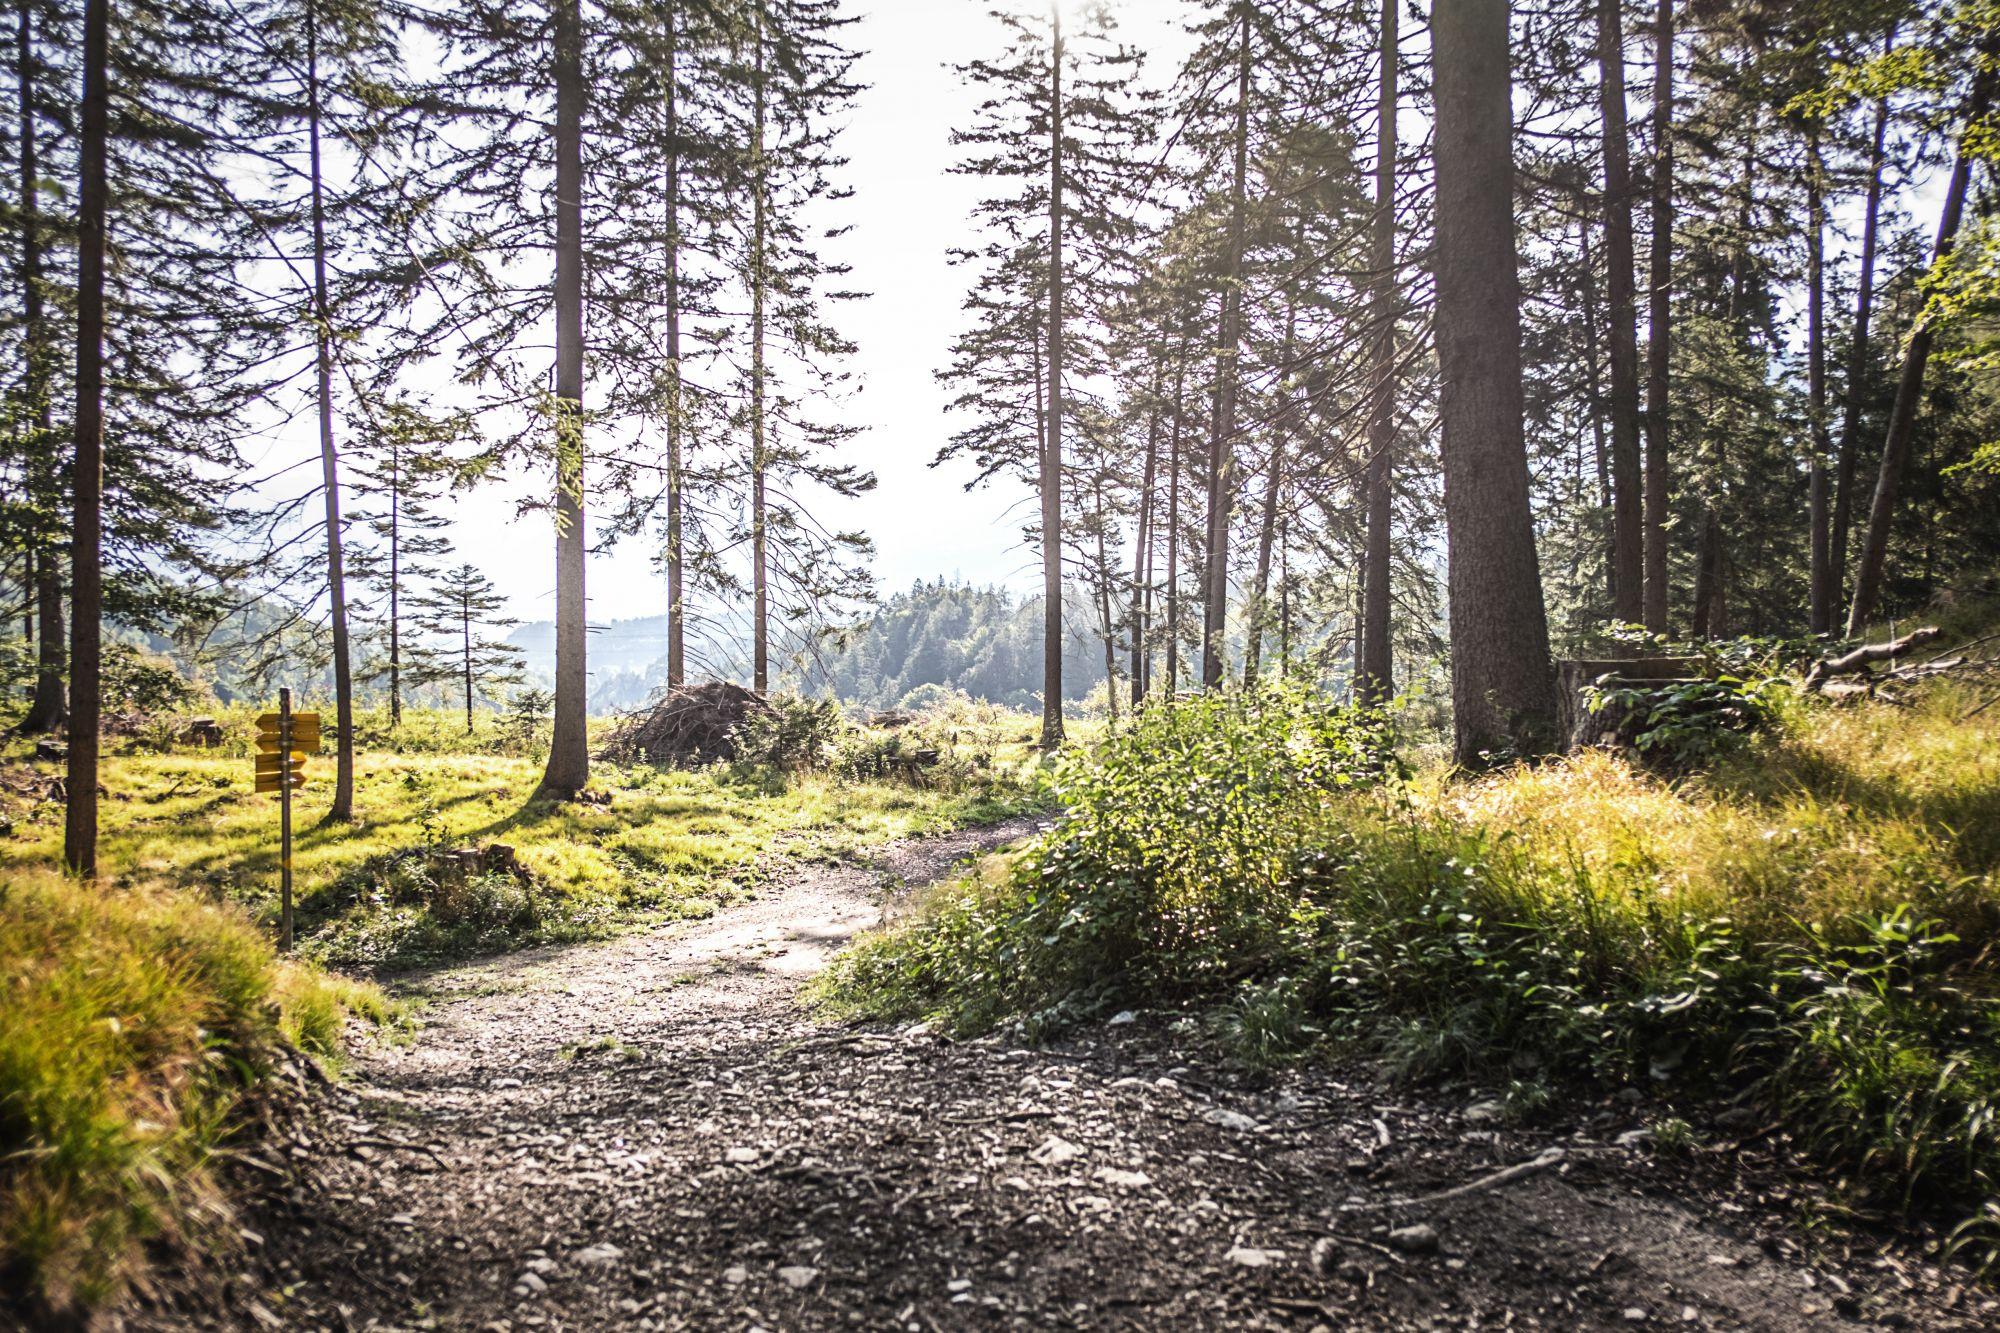 Erholung und Freizeit im Wald